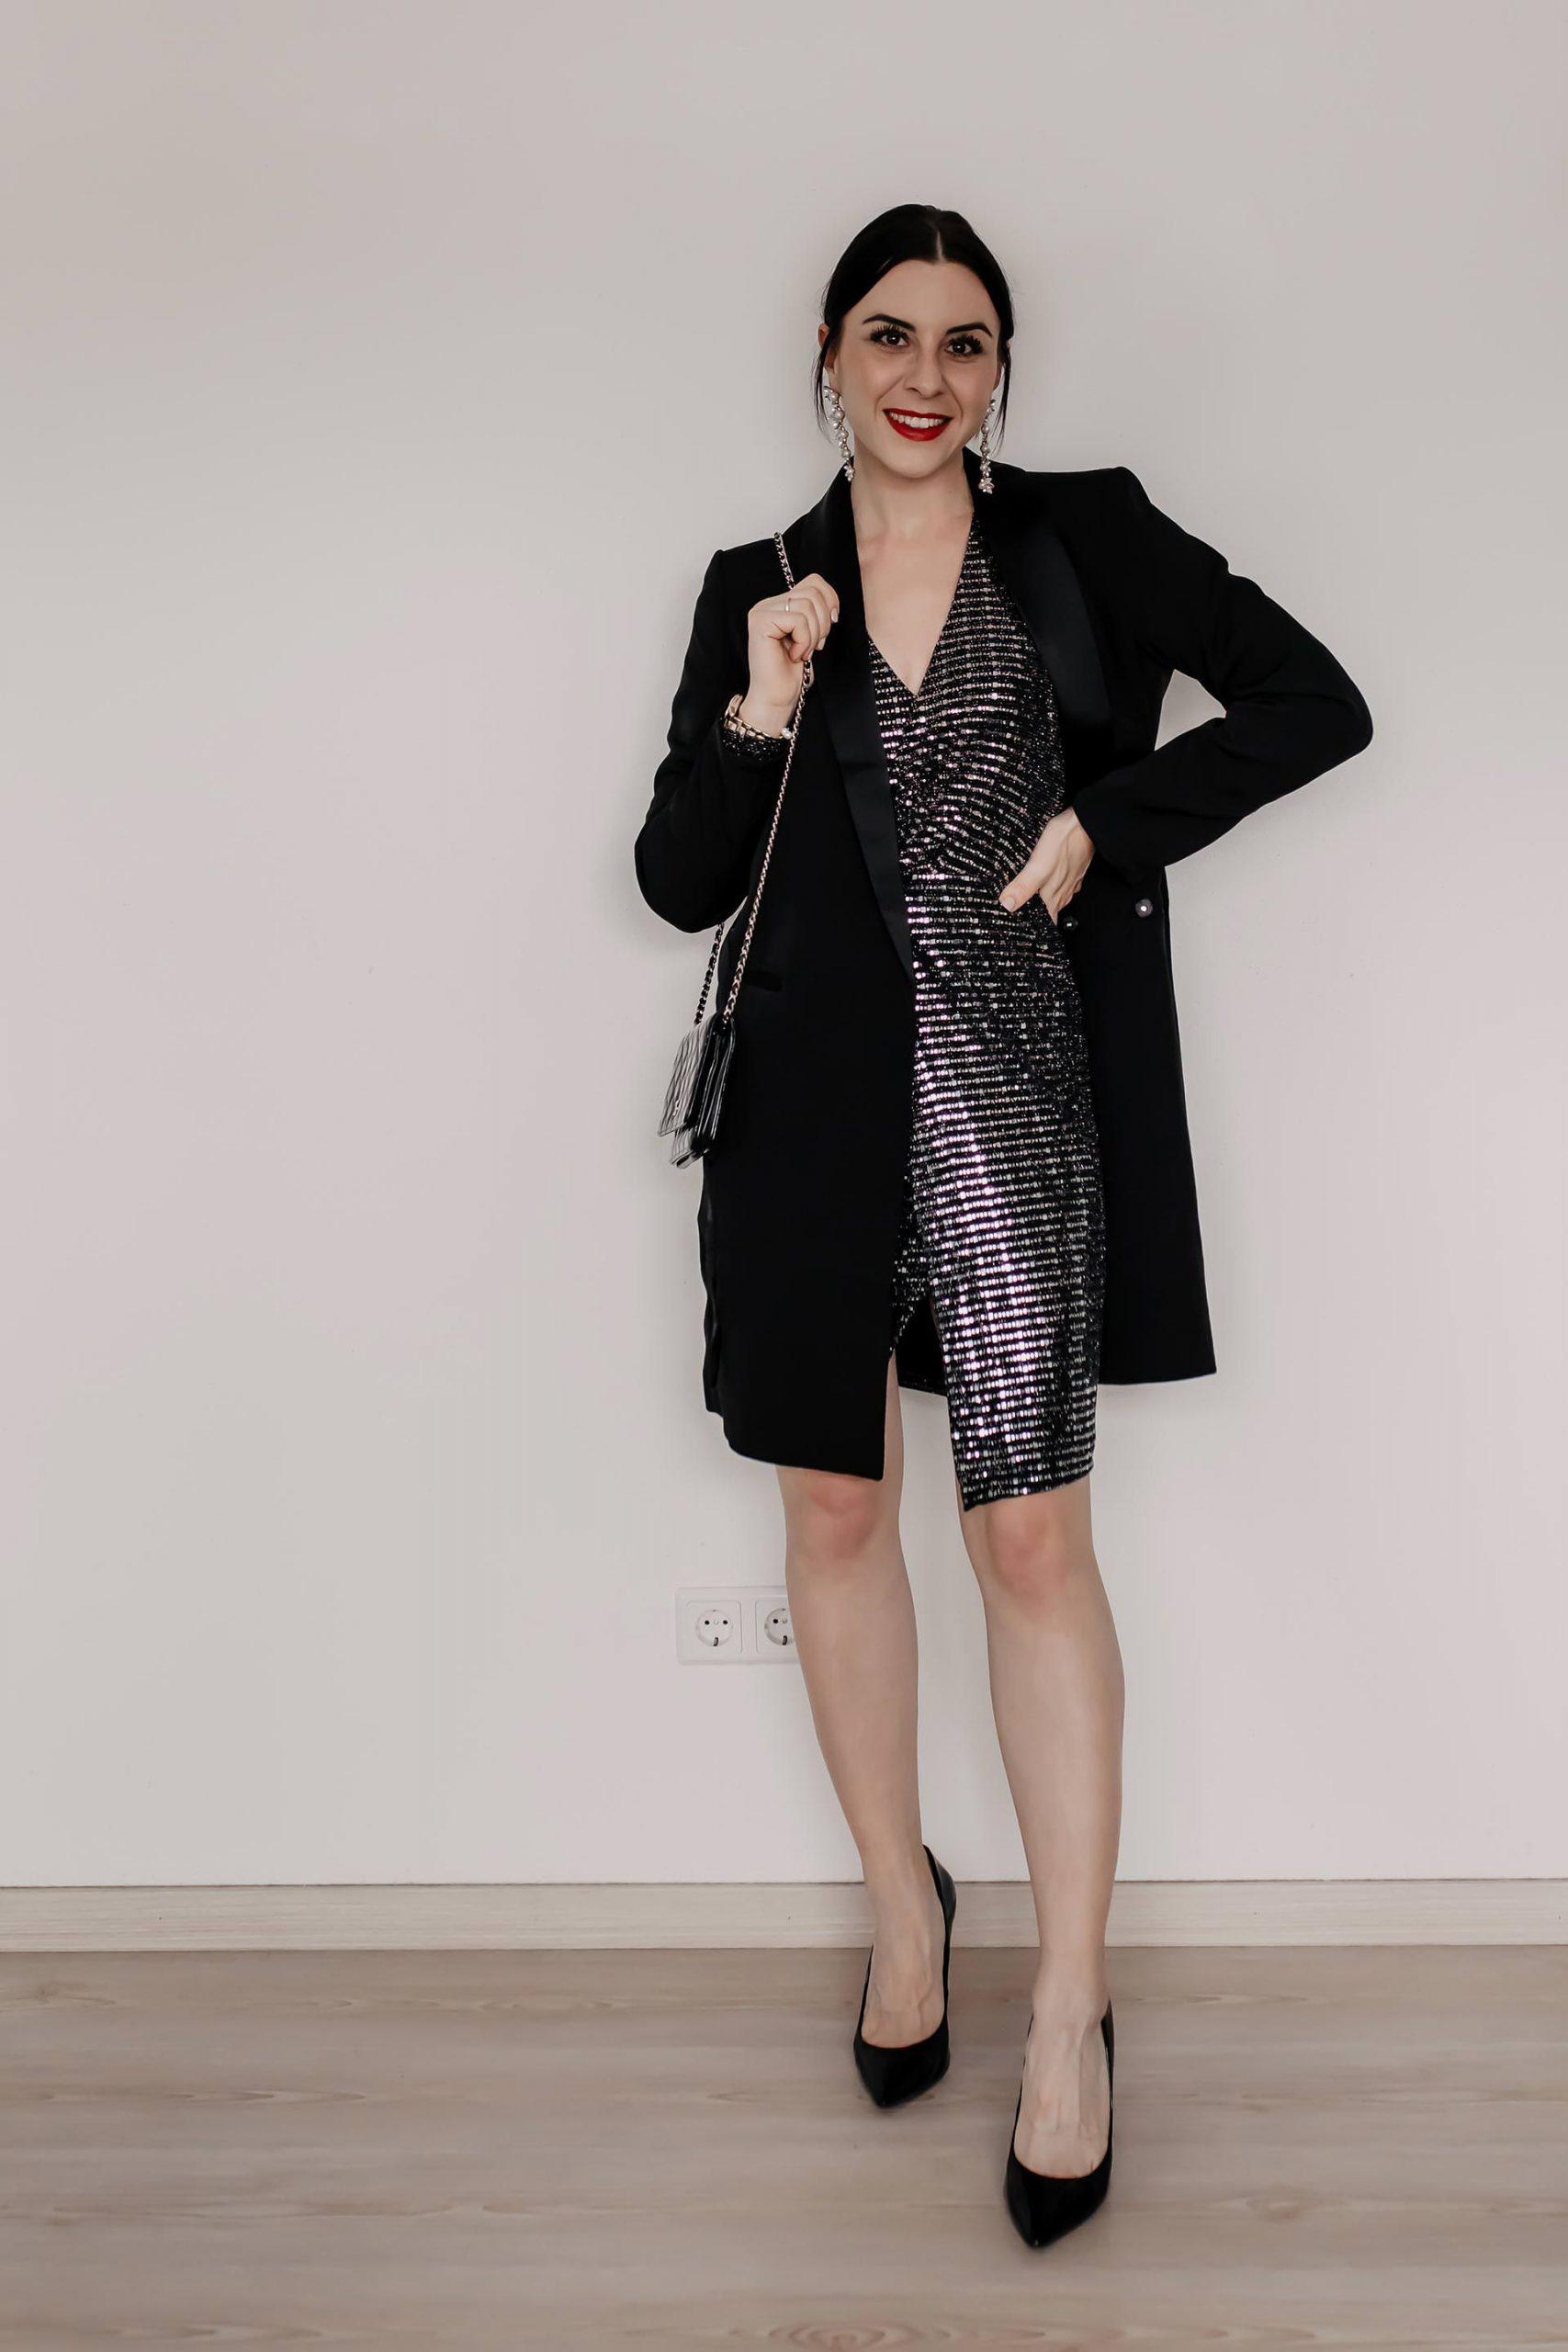 Formal Perfekt Festliche Kleidung Vertrieb20 Einfach Festliche Kleidung Stylish